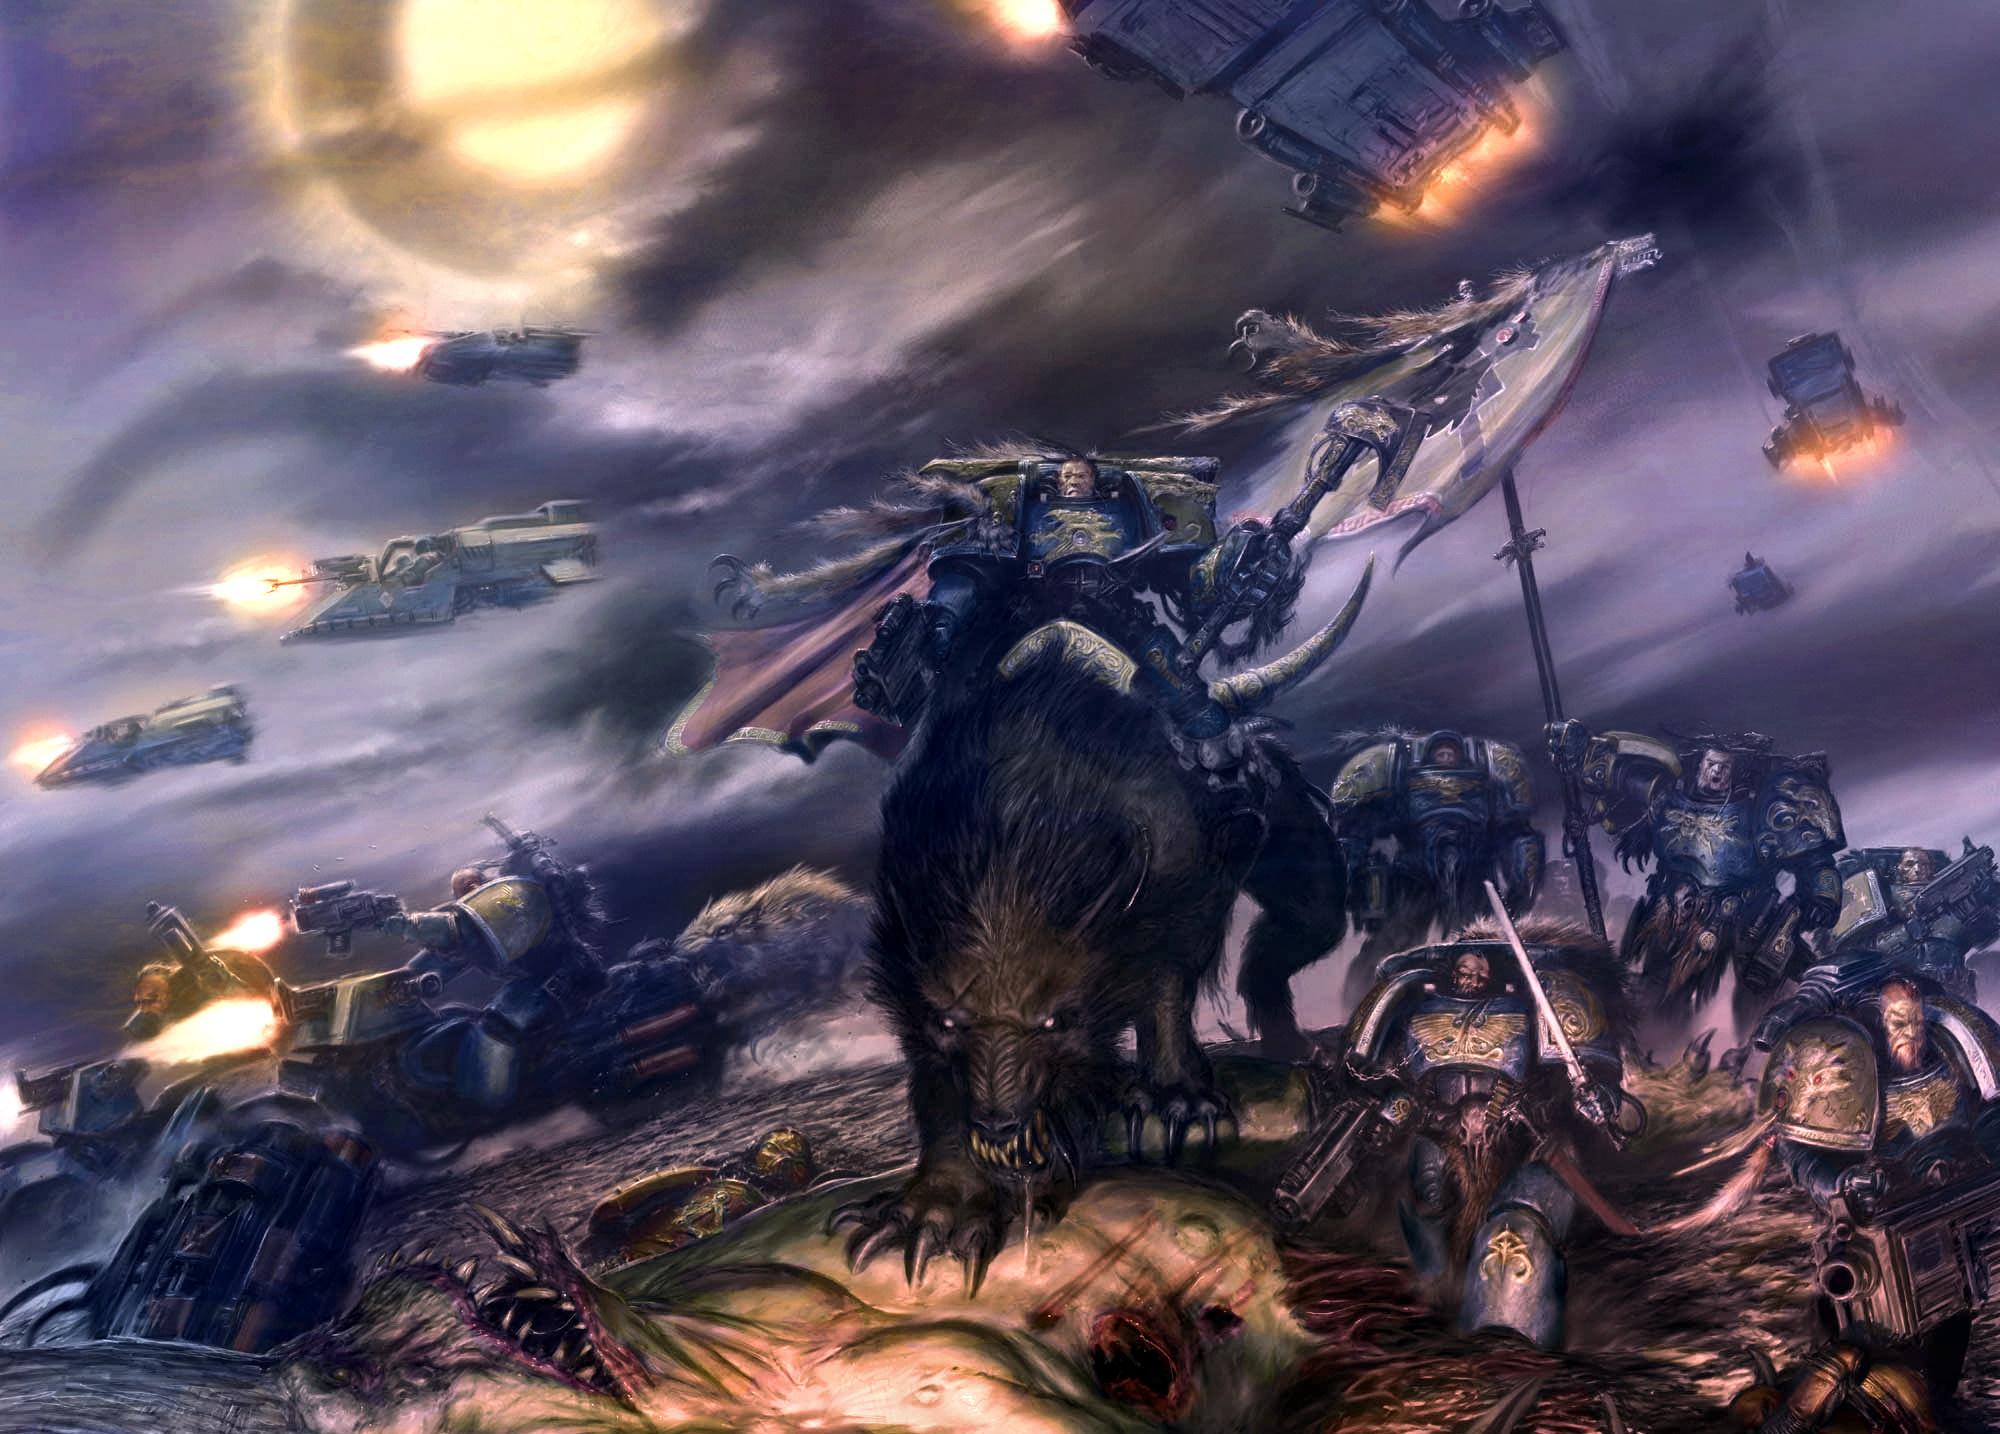 warhammer-40k-space-wolves-spaceship-battle-games